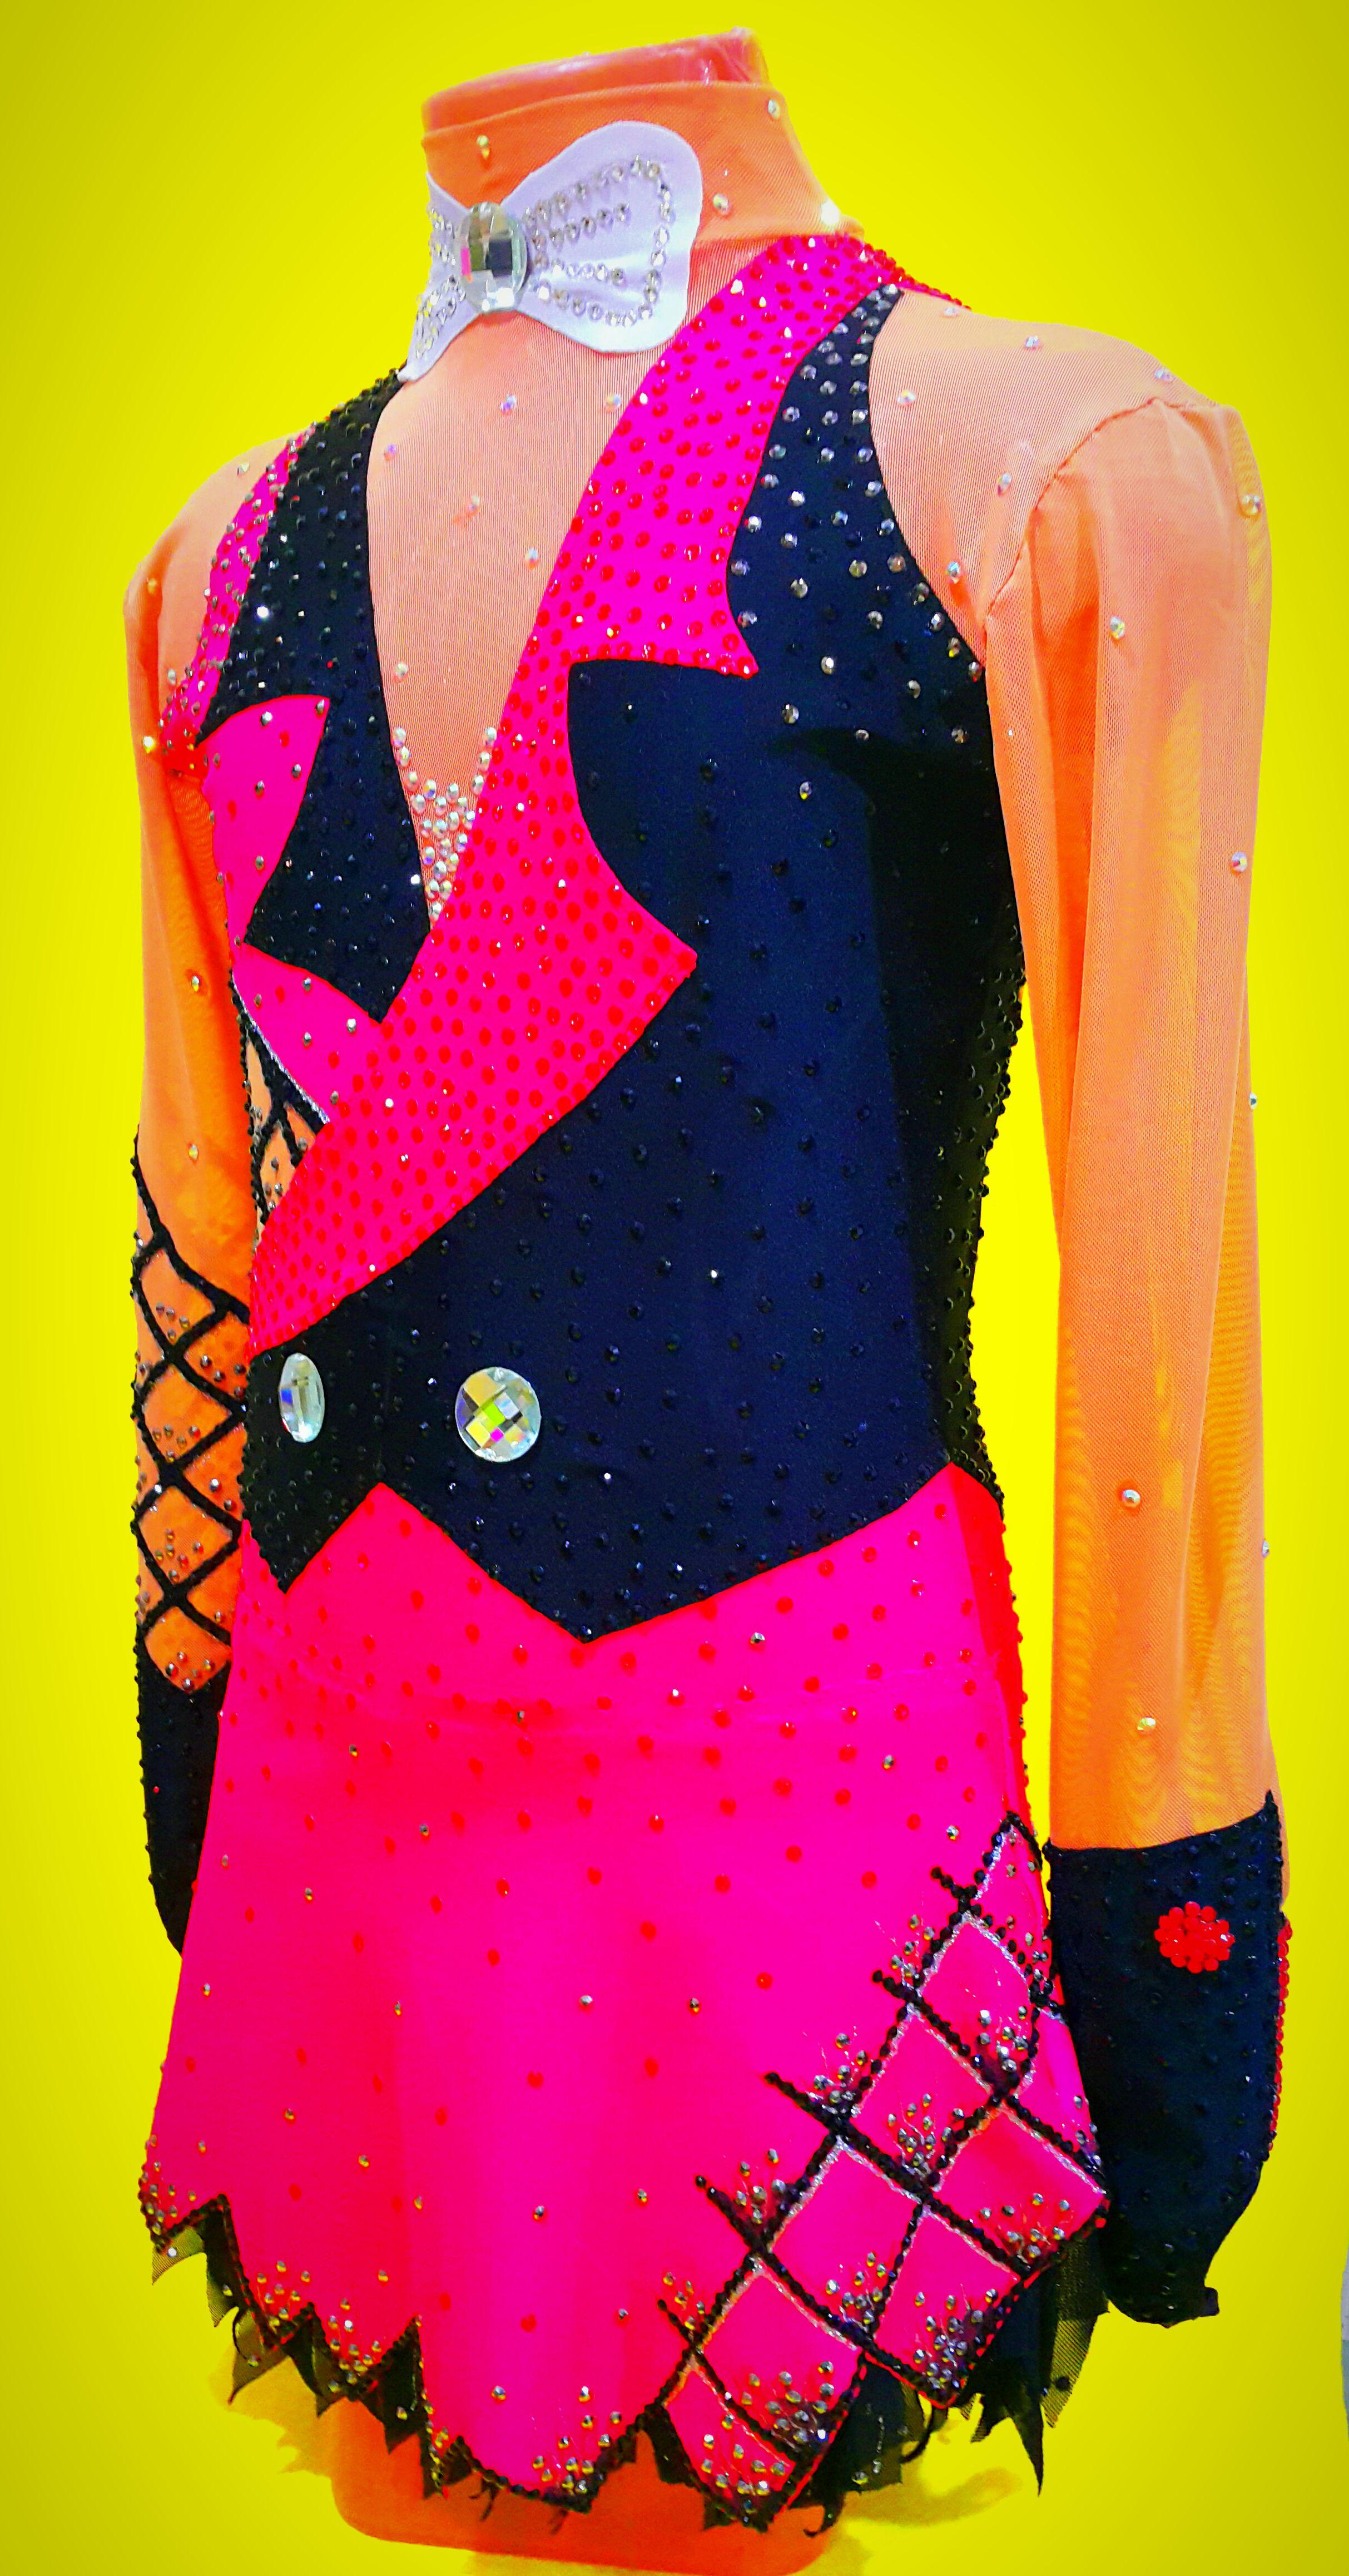 катание фигурное платье